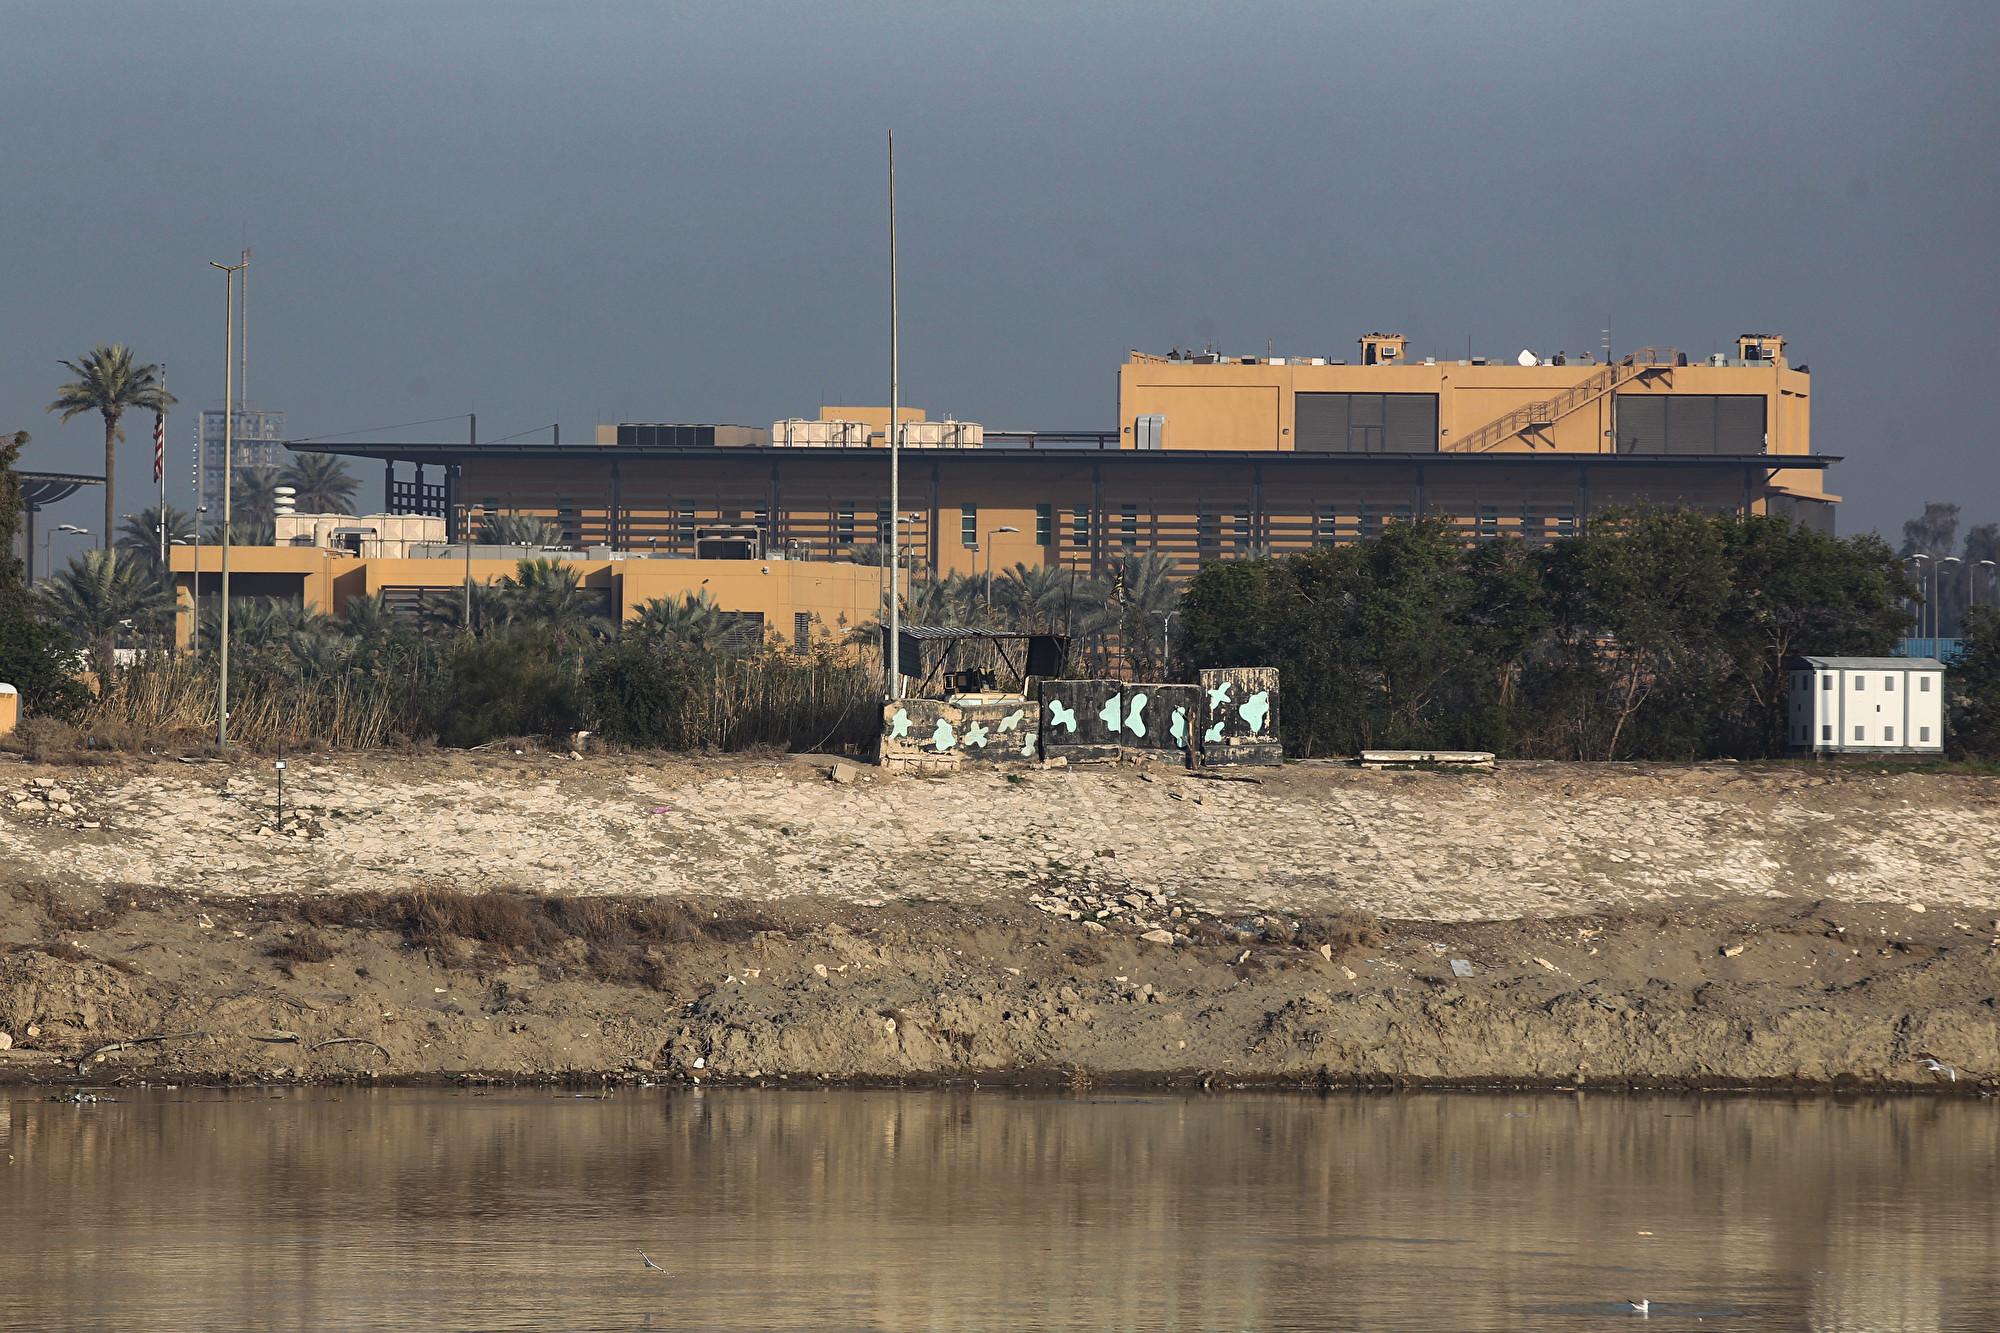 圖為美國駐伊拉克大使館外觀。(AHMAD AL-RUBAYE/AFP)